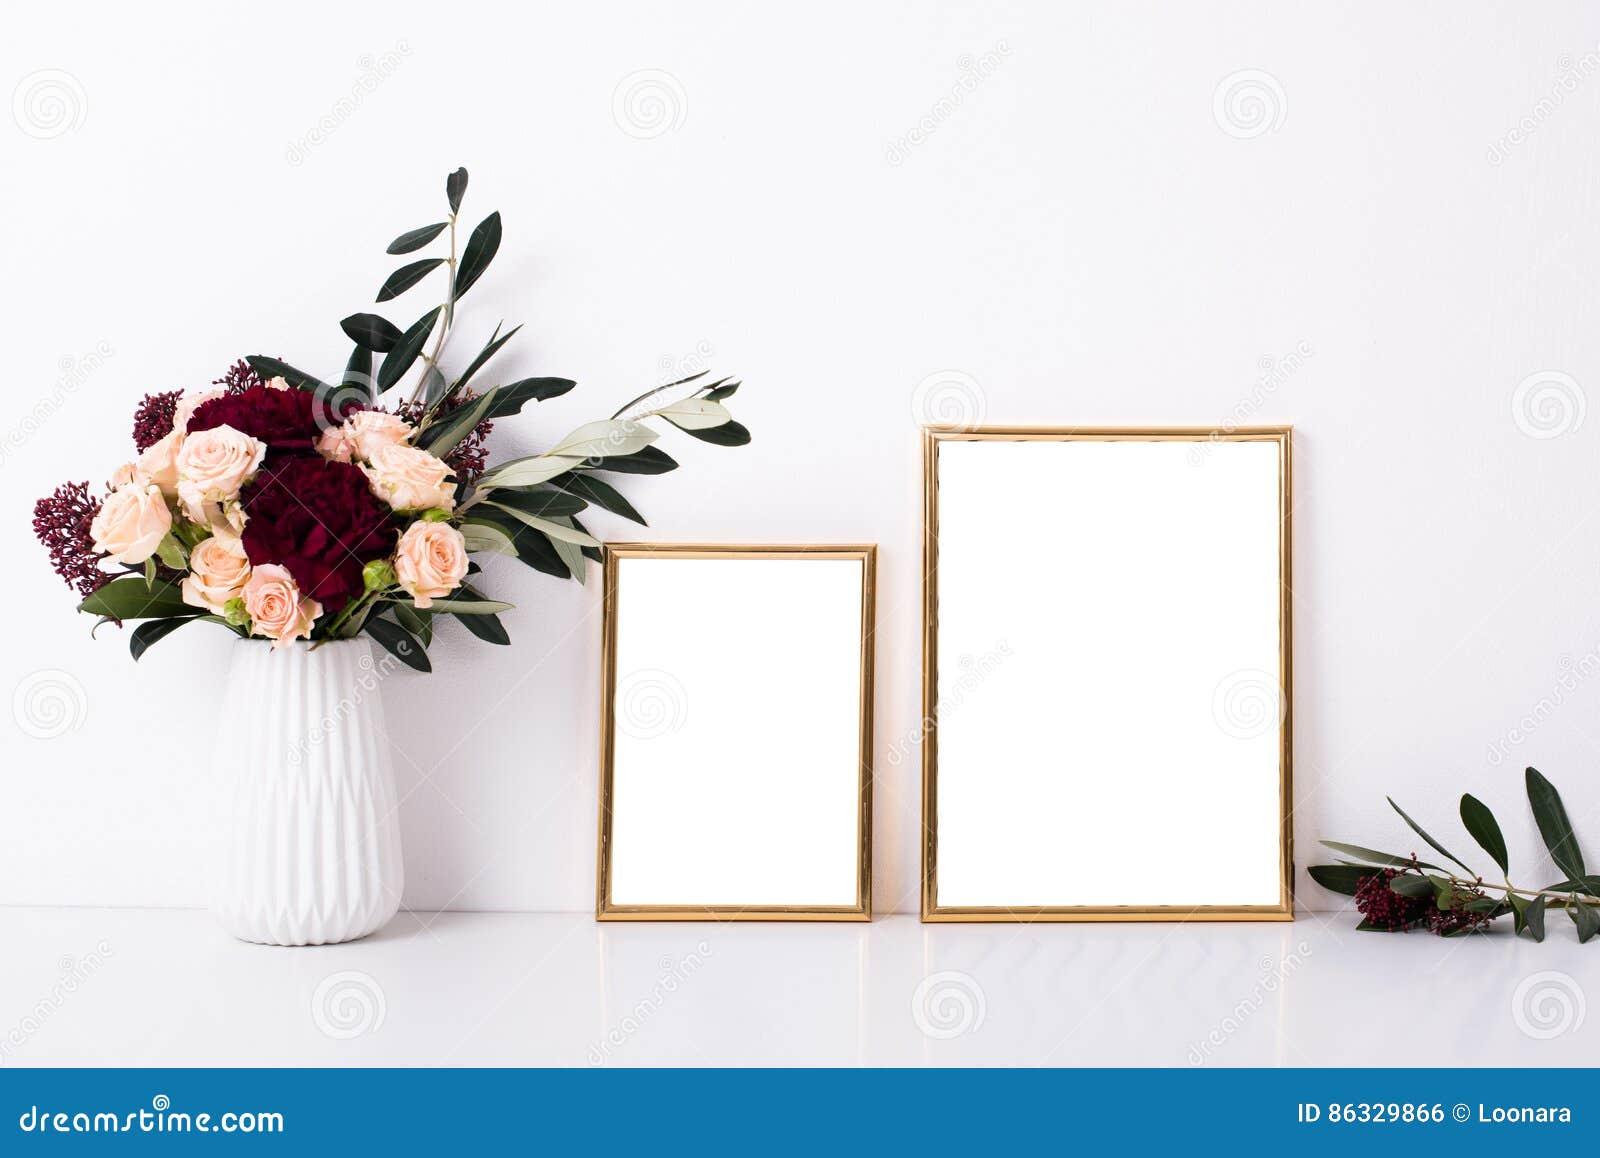 Maqueta de oro de dos marcos